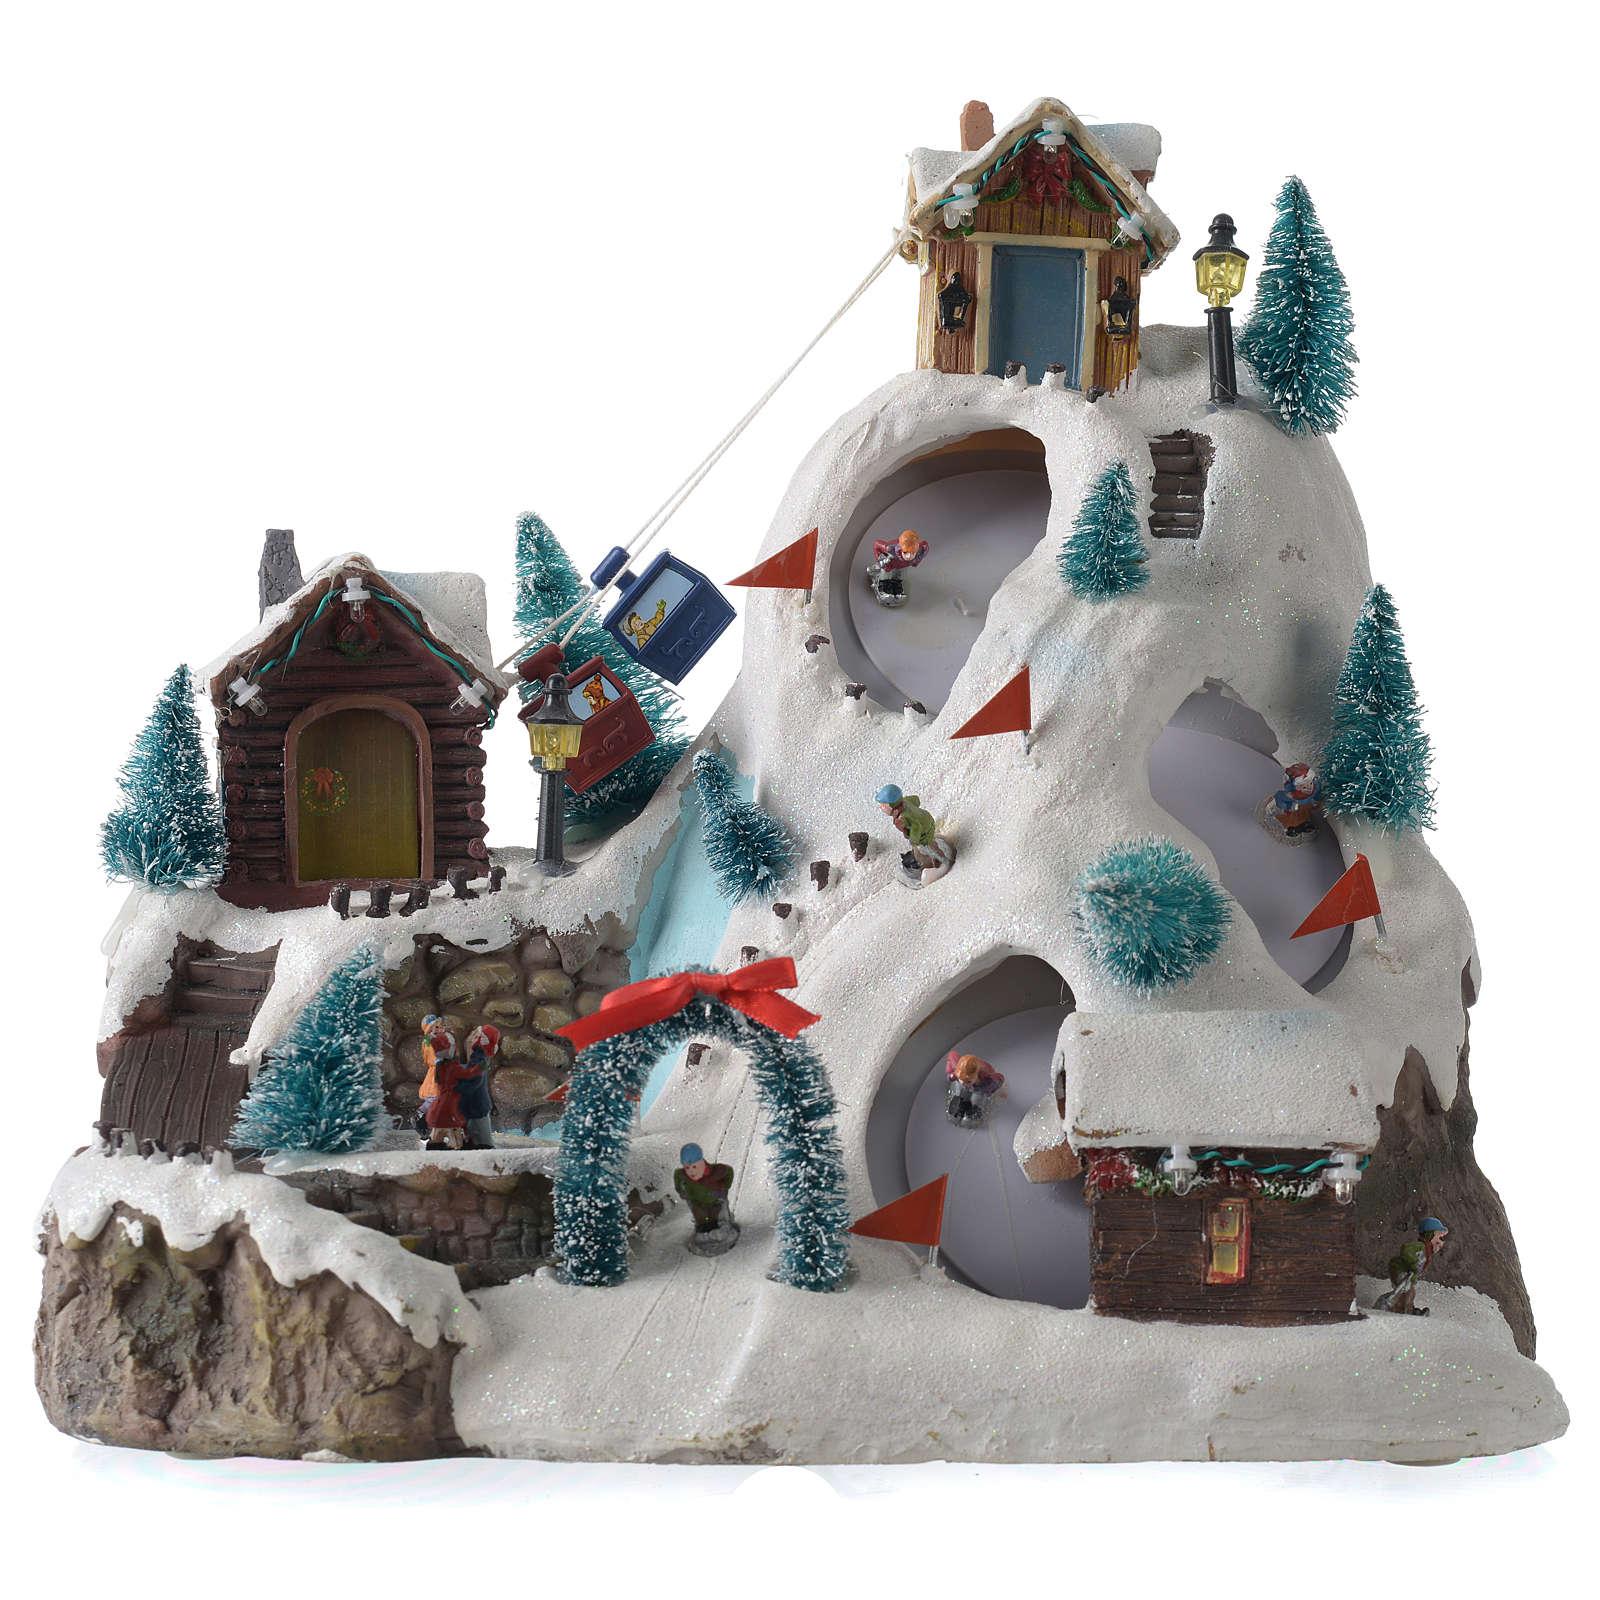 Aldea navideña iluminada musical movimiento pista de esquí lago 29x31x22 cm cm 3